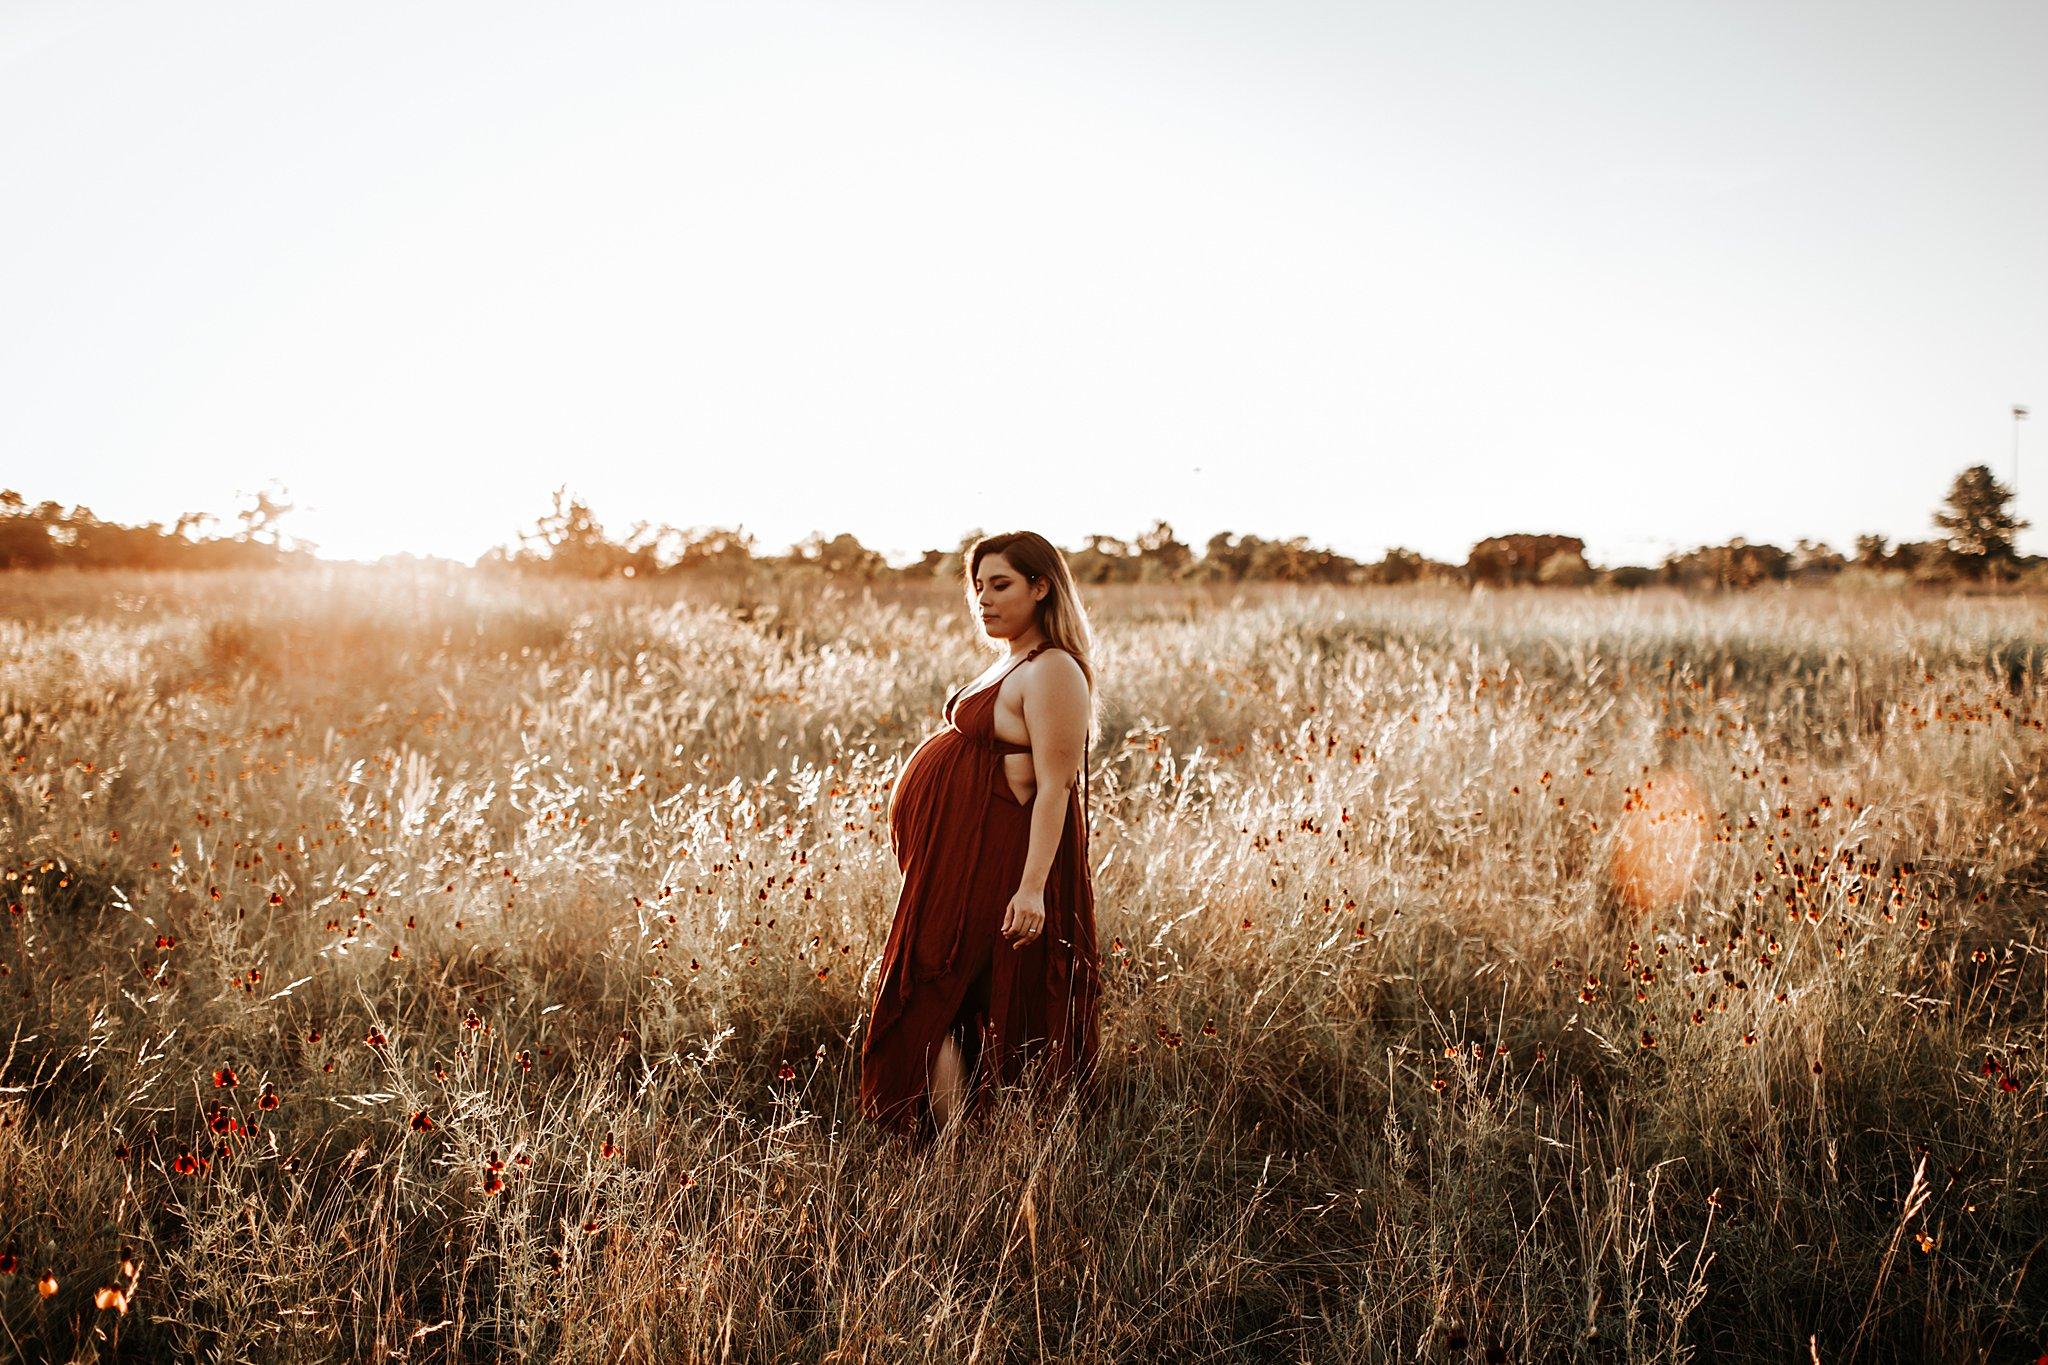 Sara-San-Antonio-Maternity-Photographer-22_WEB.jpg